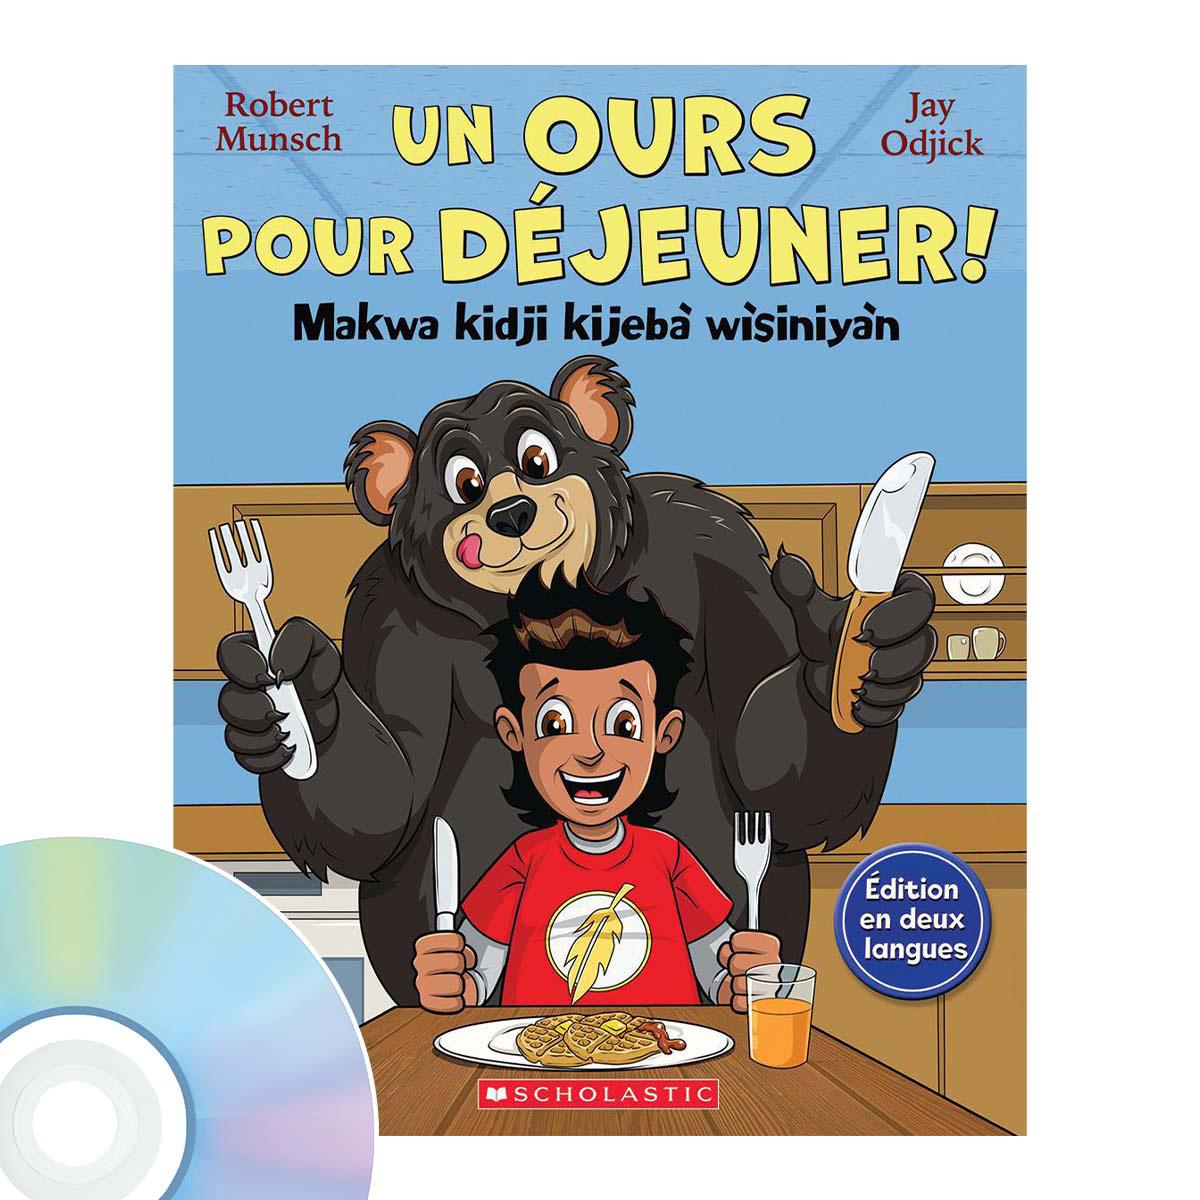 Raconte-moi une histoire : Un ours pour déjeuner! / Makwa kidji kijebà wìsiniyàn